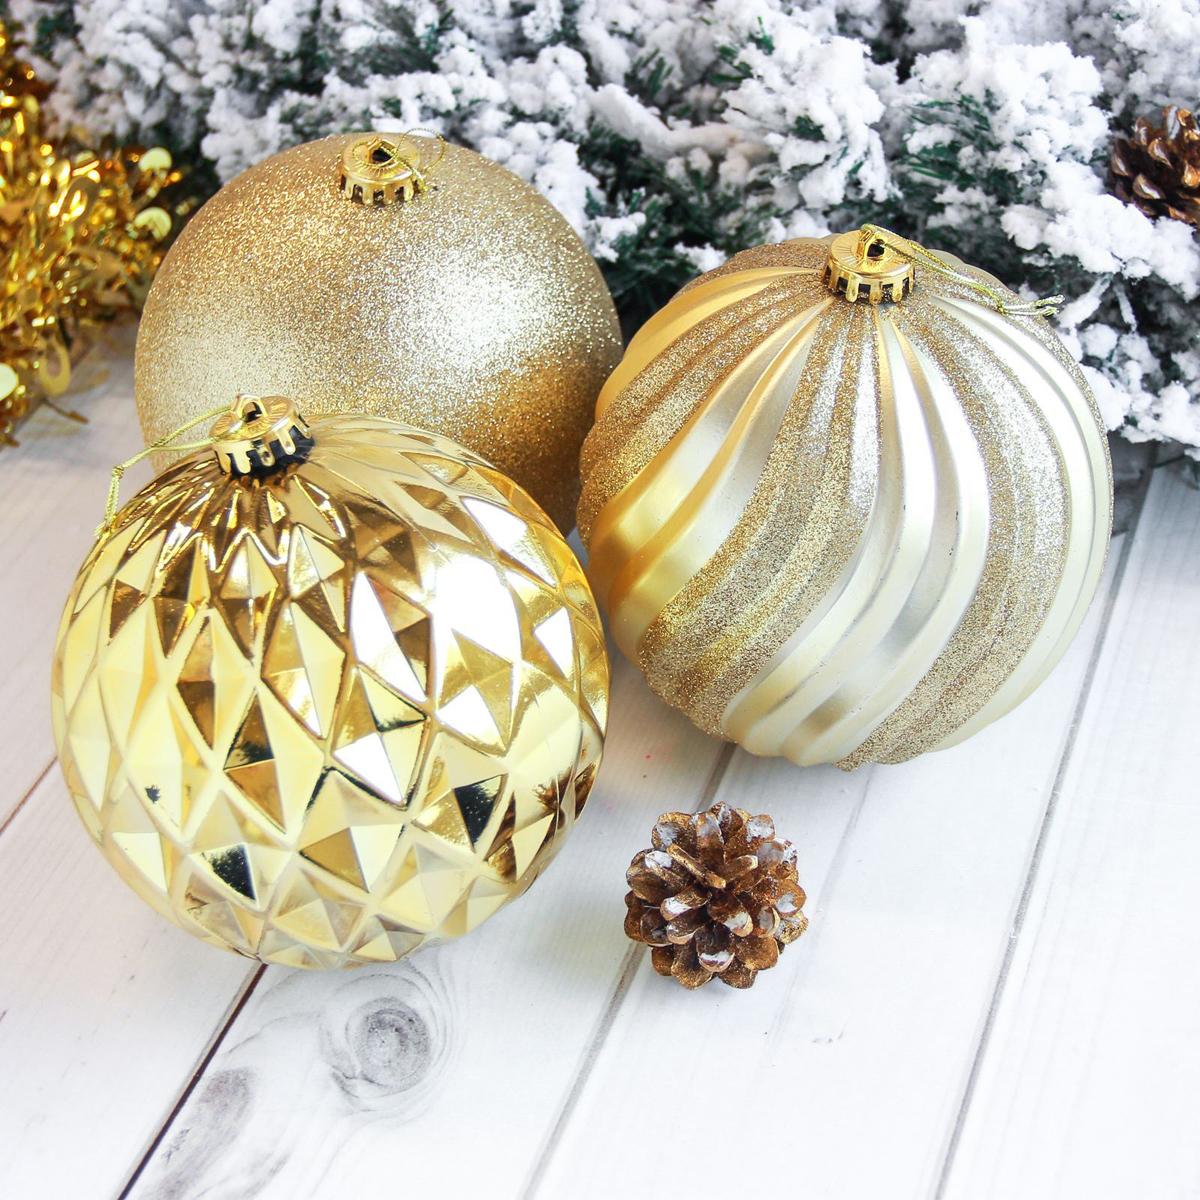 Набор новогодних подвесных украшений Sima-land Гиганты, цвет: золотистый, диаметр 15 см, 3 шт2122917Набор новогодних подвесных украшений Sima-land отлично подойдет для декорации вашего дома и новогодней ели. С помощью специальной петельки украшение можно повесить в любом понравившемся вам месте. Но, конечно, удачнее всего оно будет смотреться на праздничной елке. Елочная игрушка - символ Нового года. Она несет в себе волшебство и красоту праздника. Создайте в своем доме атмосферу веселья и радости, украшая новогоднюю елку нарядными игрушками, которые будут из года в год накапливать теплоту воспоминаний.